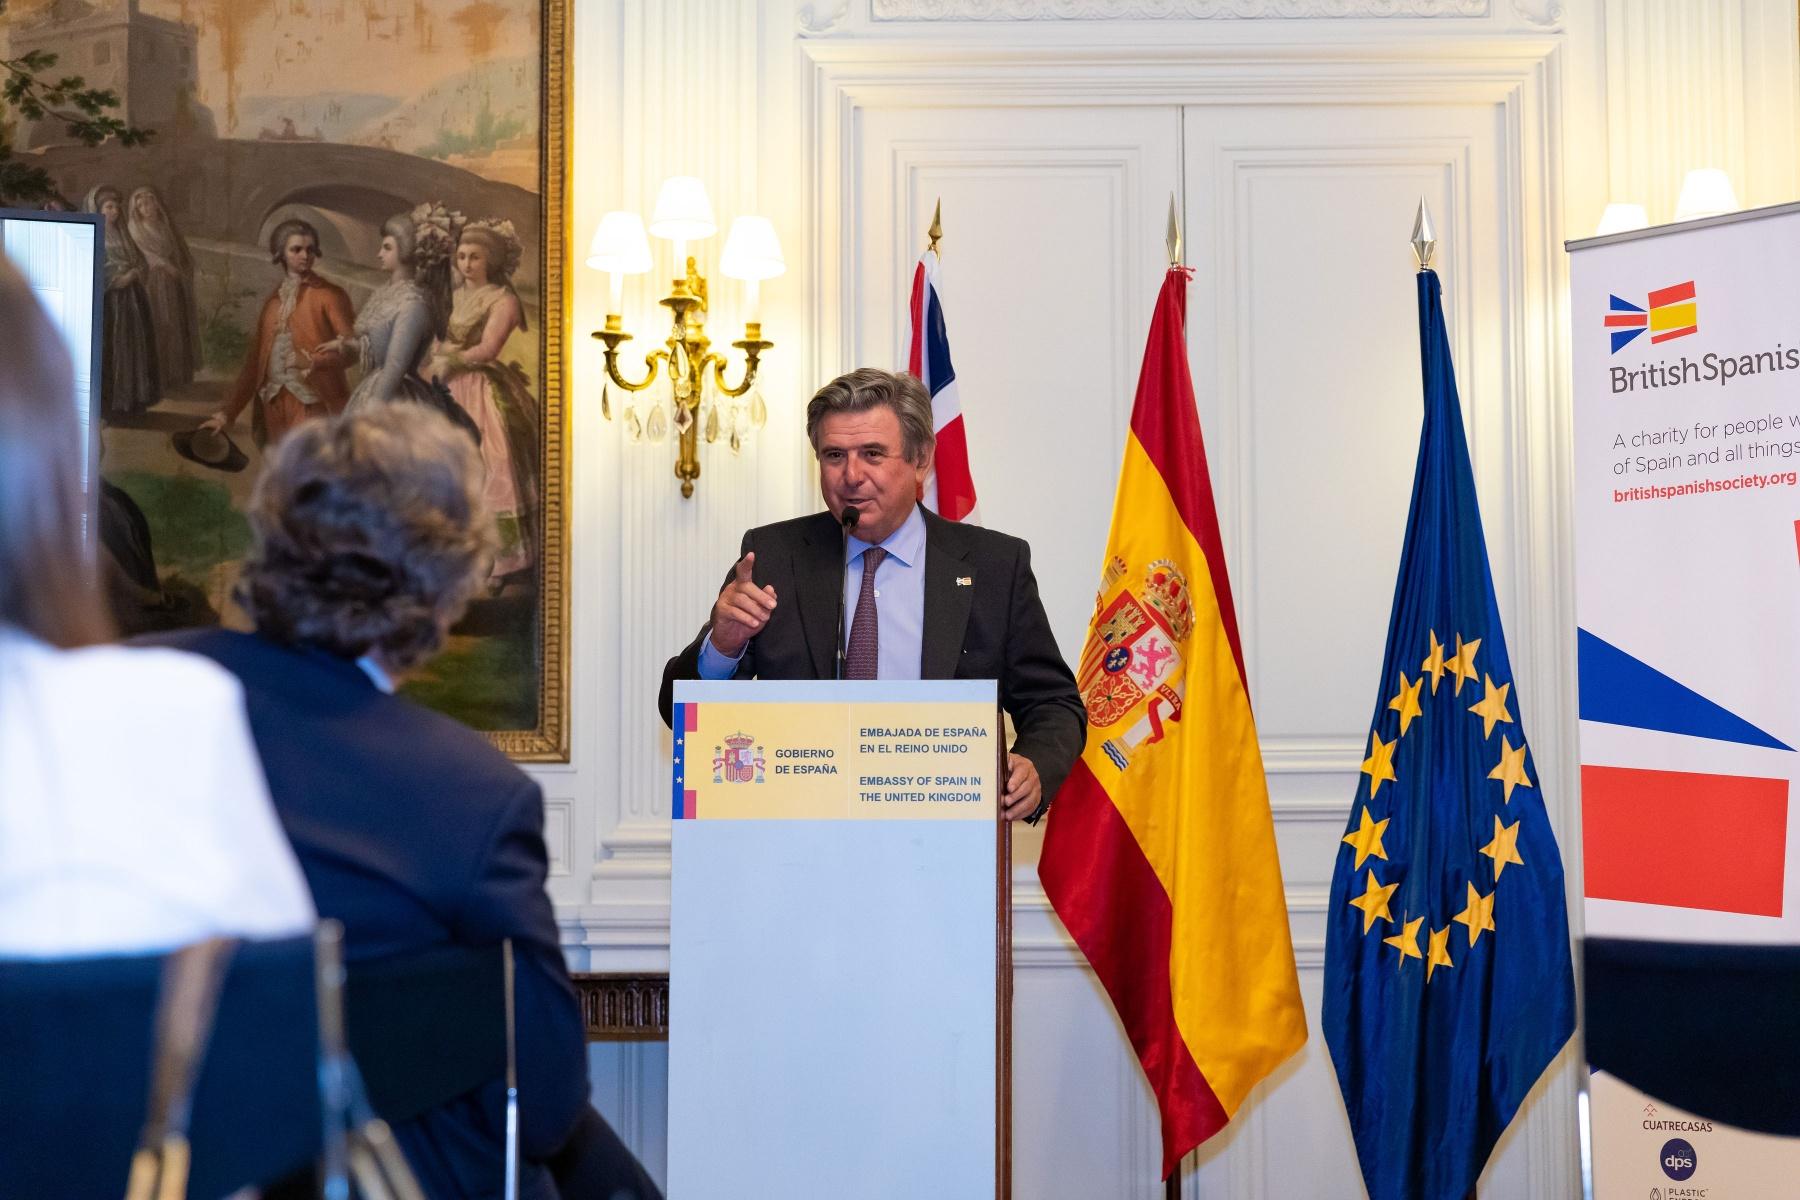 BSS_SpanishEmbassySept17-157